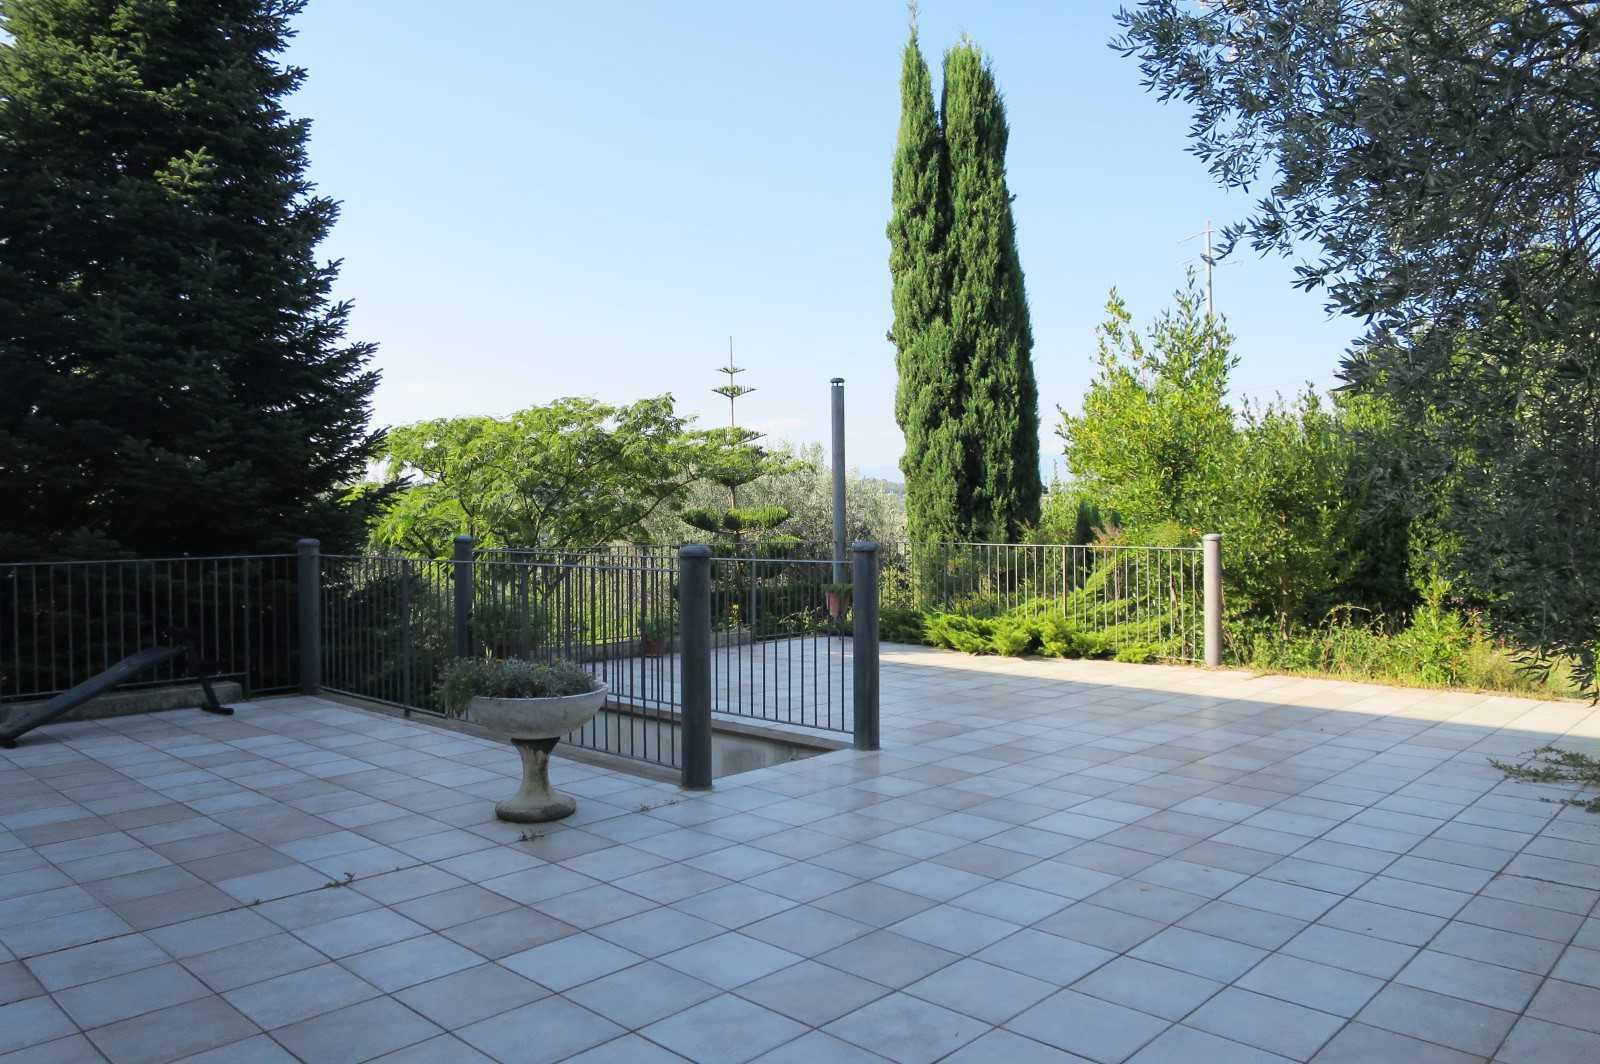 Villa Villa for sale Atri (TE), Villa Paola - Atri - EUR 462.107 230